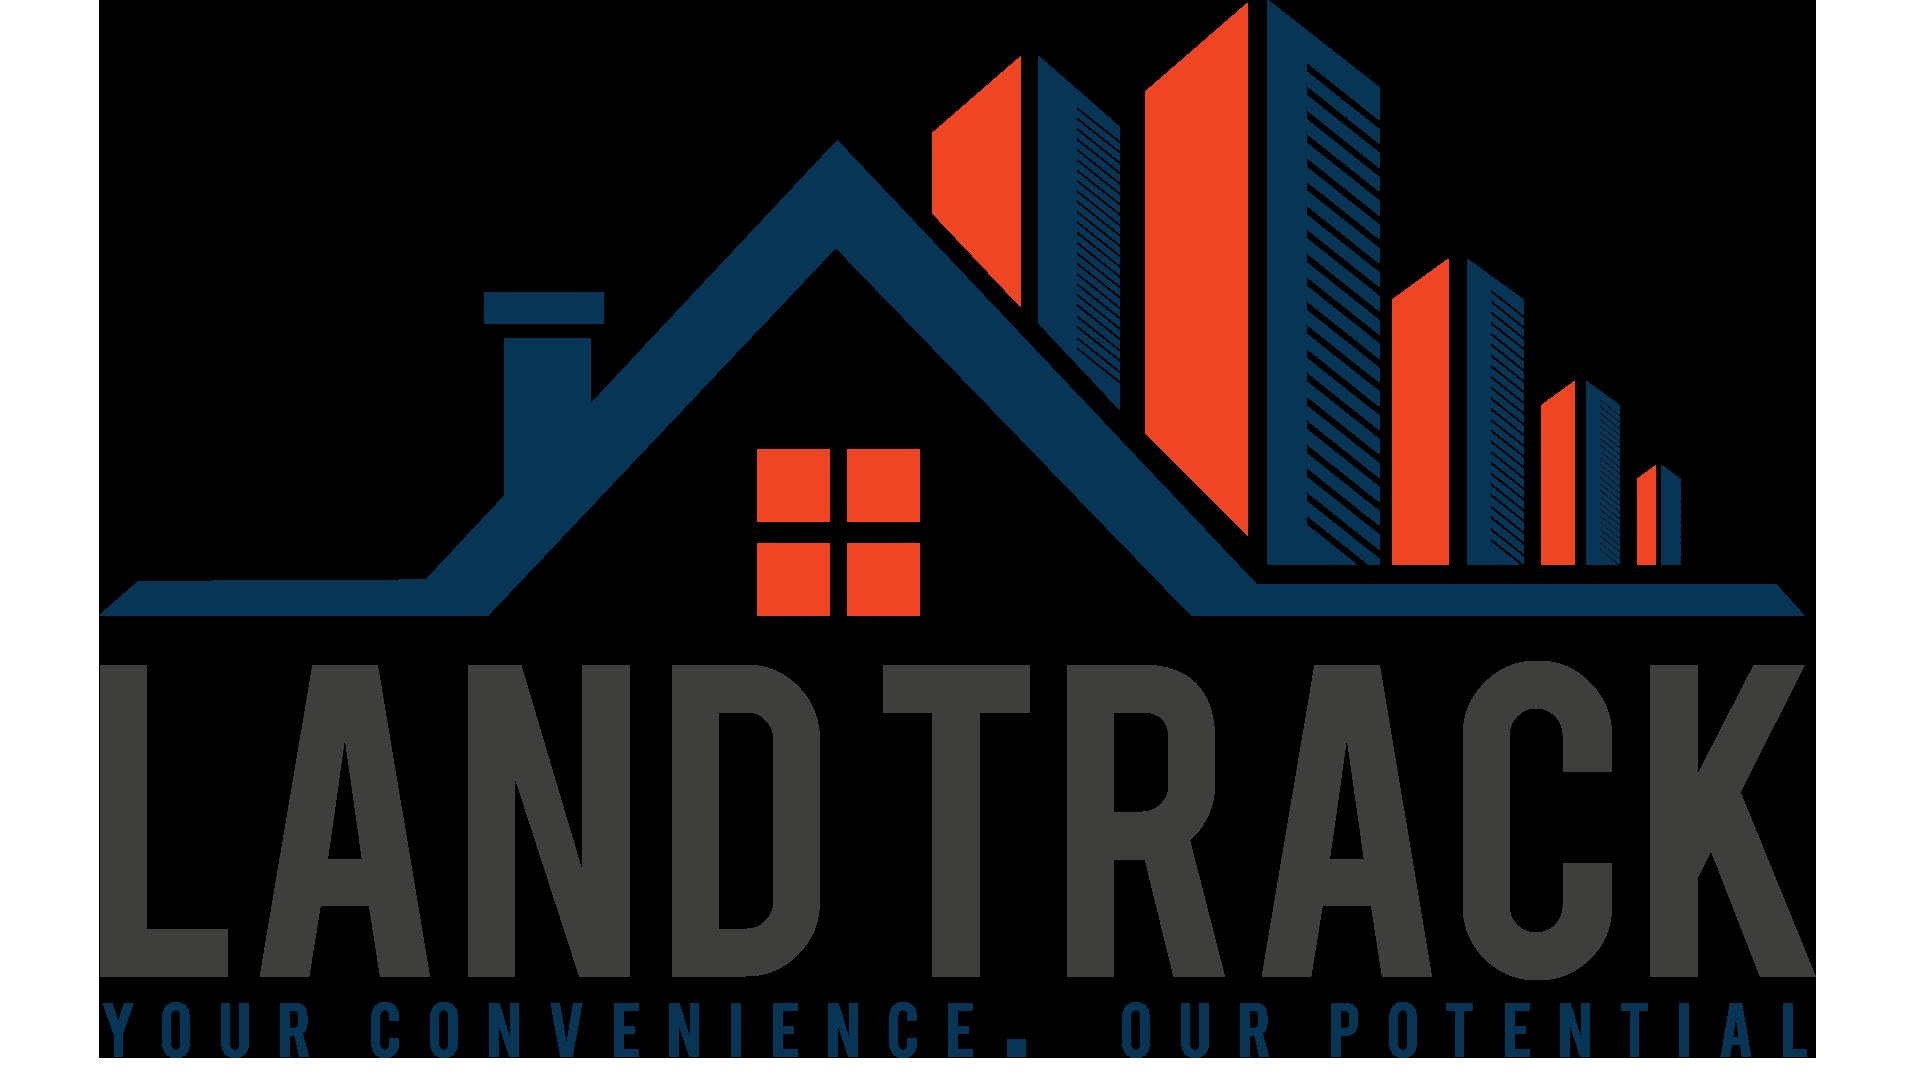 Landtrack Blog